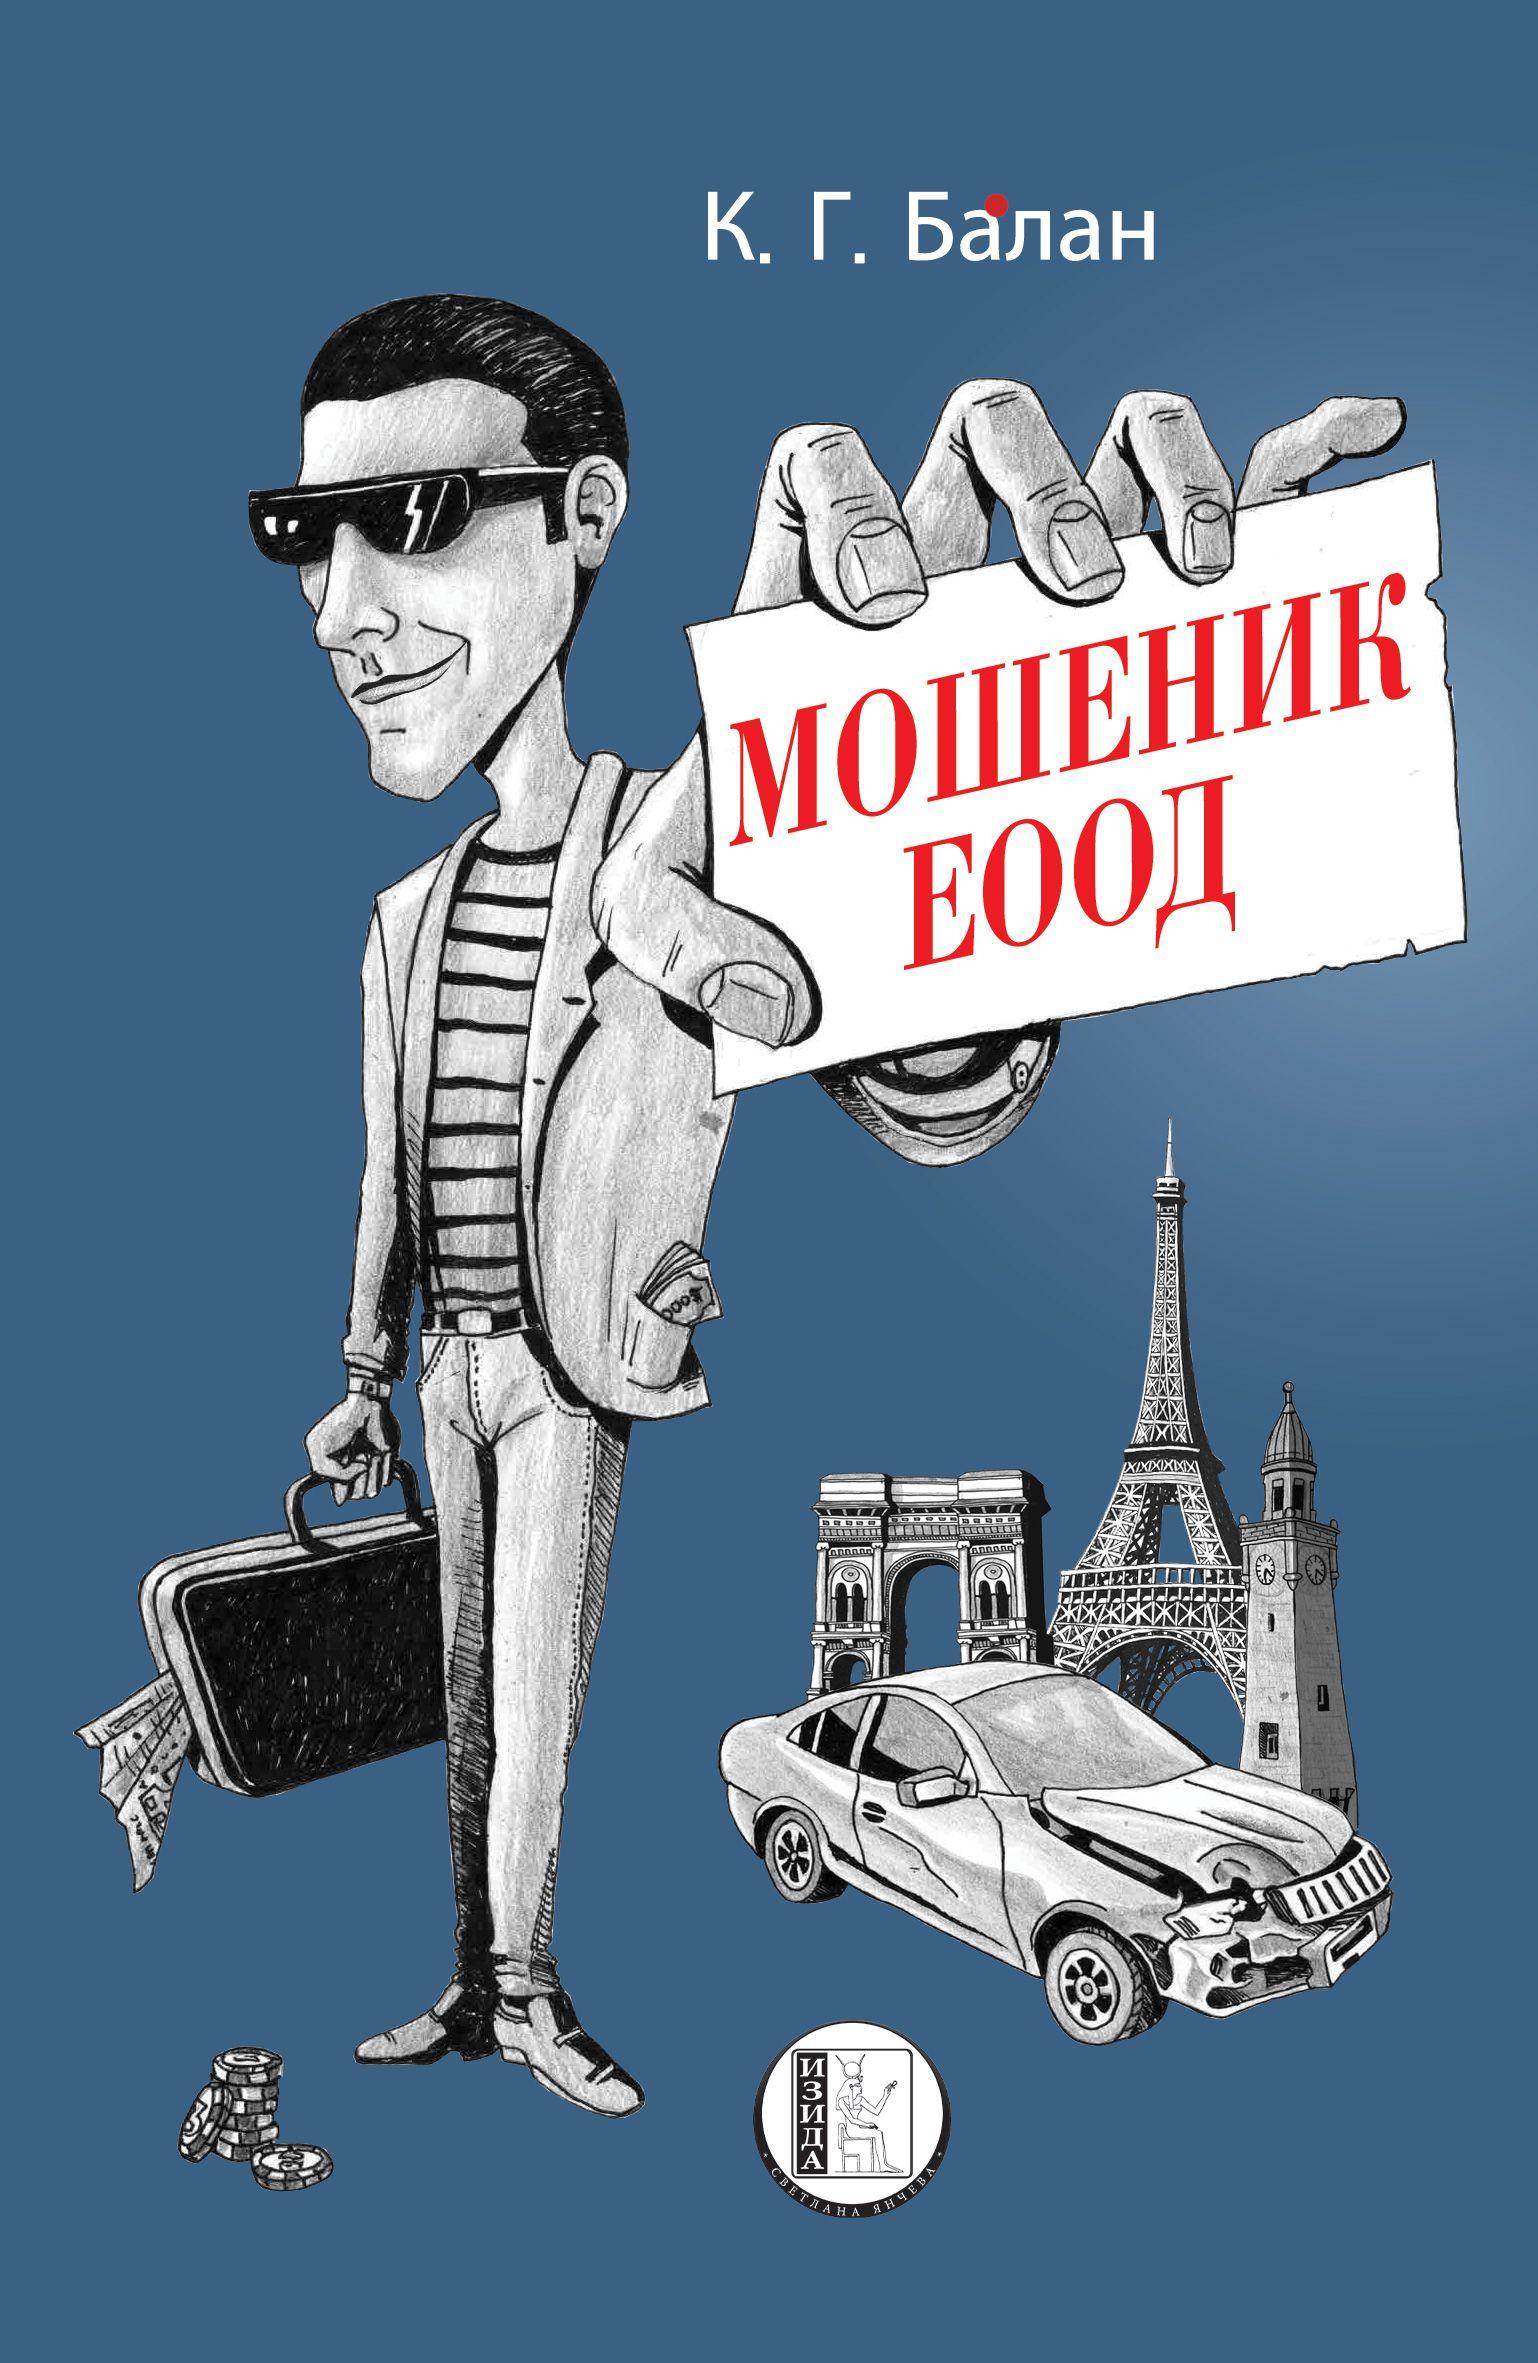 """Румънският """"Мошеник ЕООД"""" от К. Г. Балан разказва история, в която можем да се припознаем"""